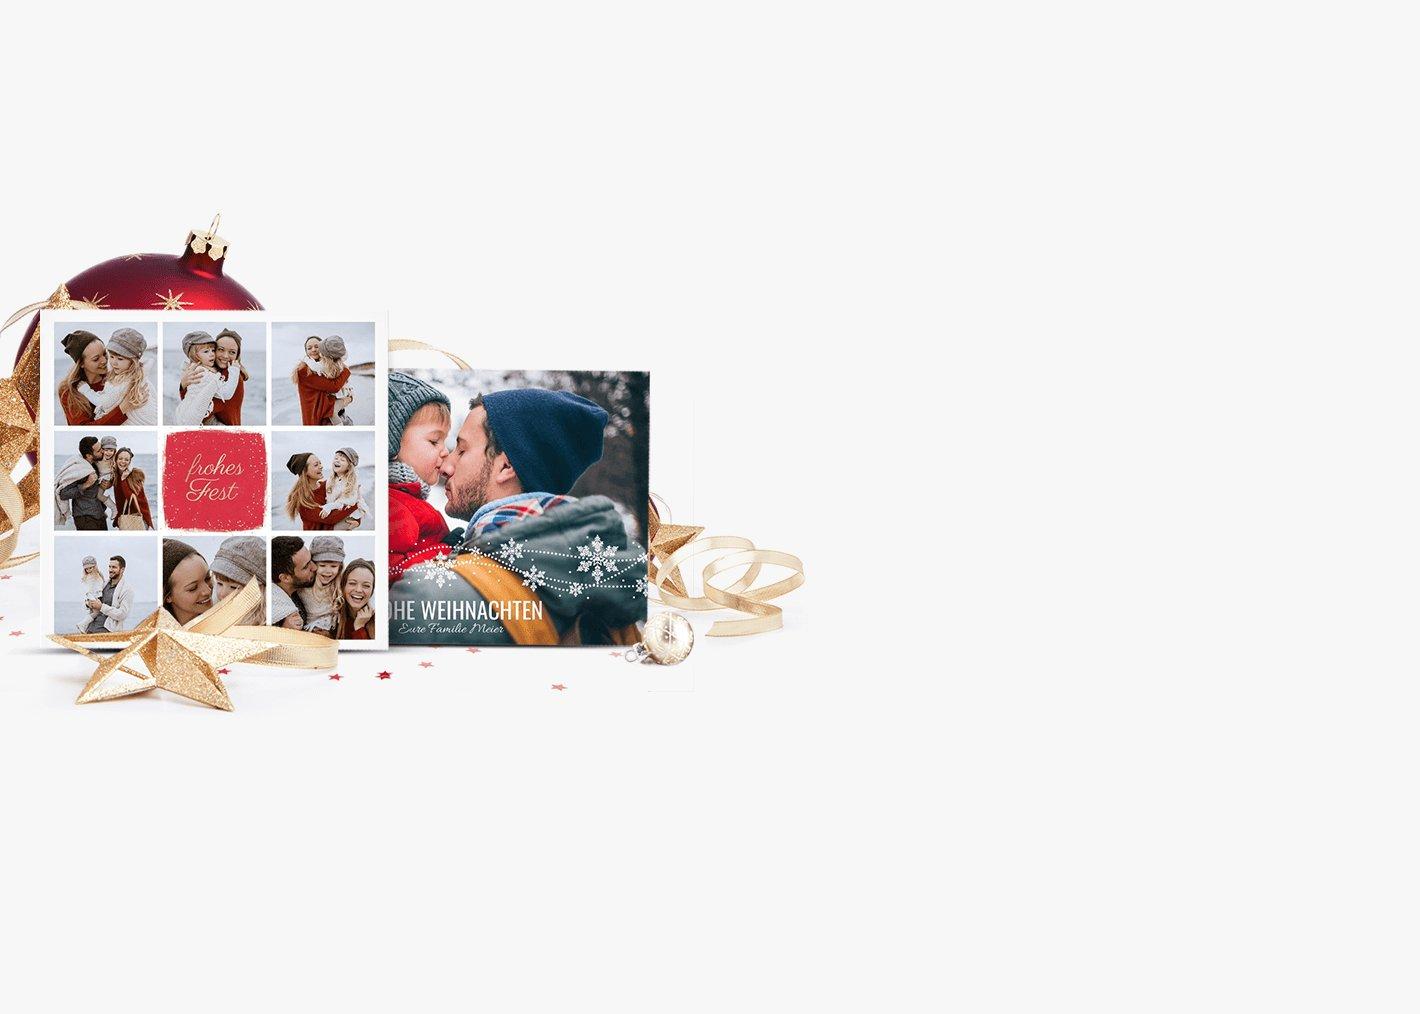 Weihnachtskarten Babyfoto.Weihnachtskarten 2018 Jetzt 35 Rabatt Optimalprint